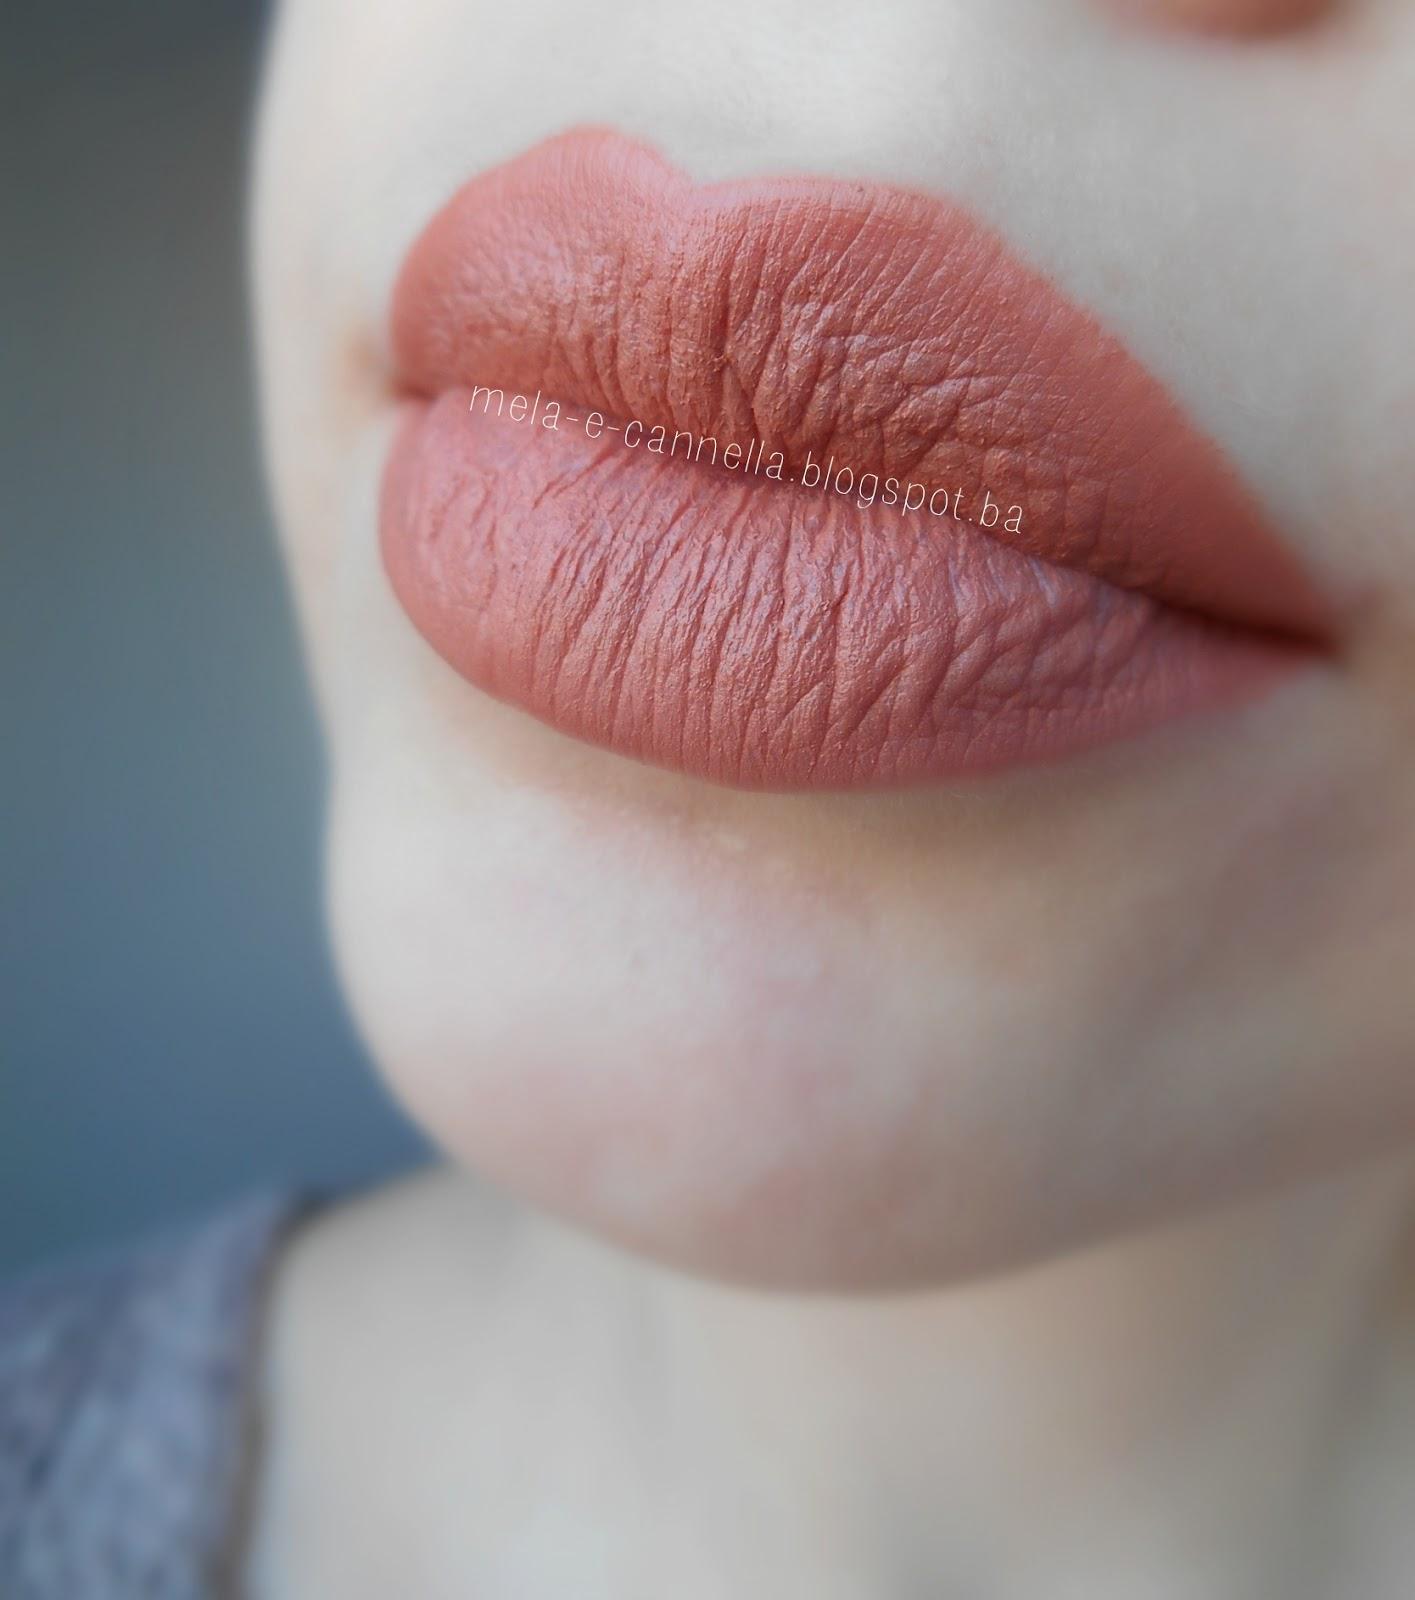 mela-e-cannella: Avon True Color Matte Lipstick - Au Naturale